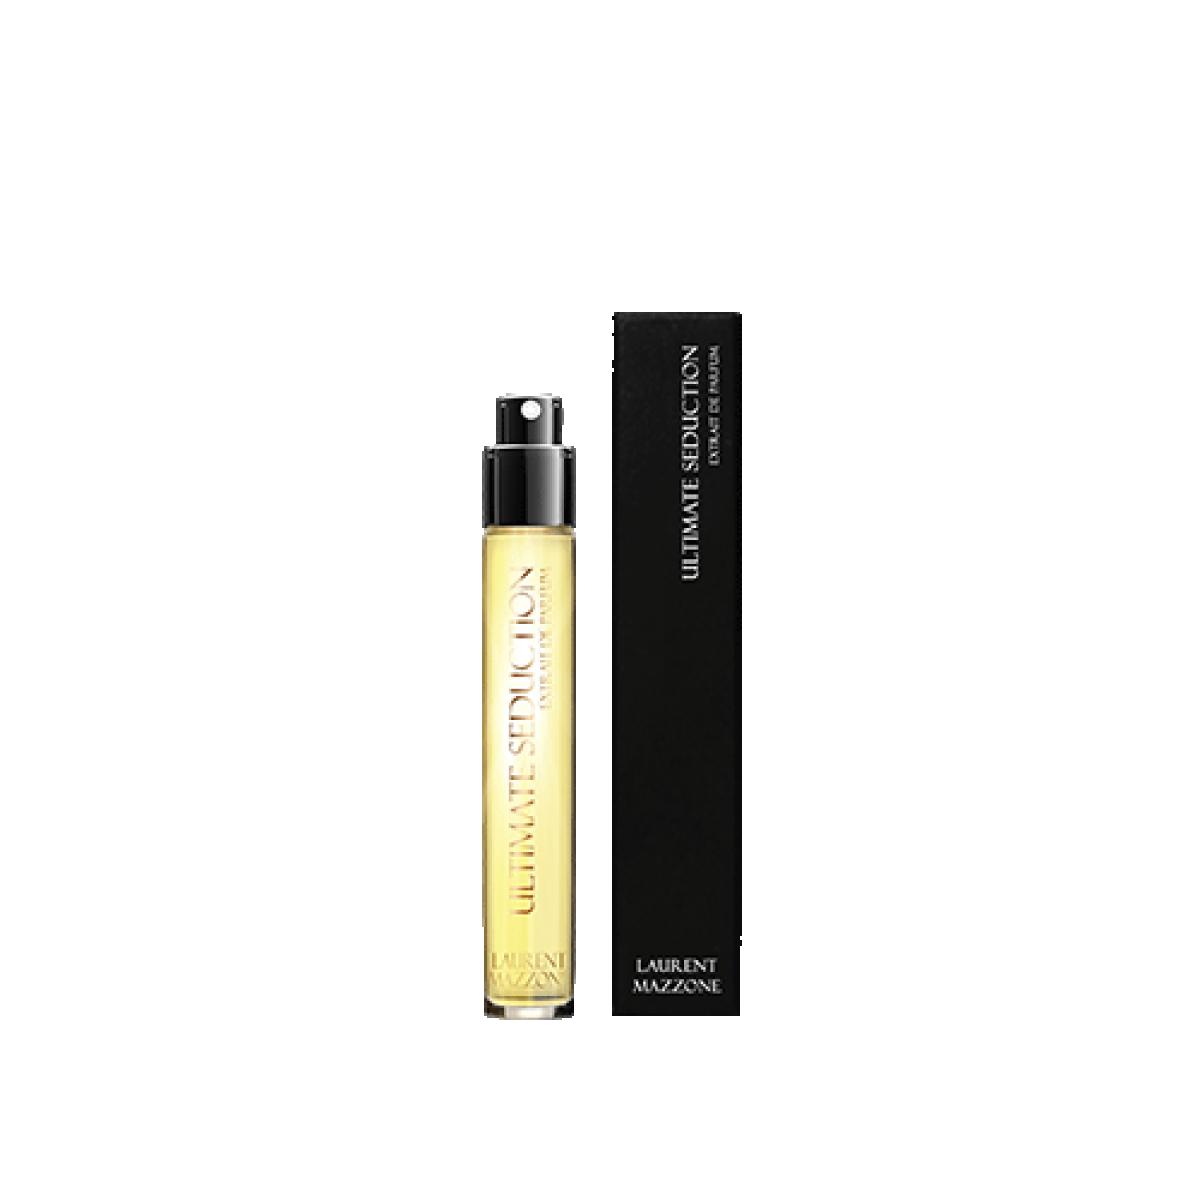 ULTIMATE SEDUCTION - LM Parfums